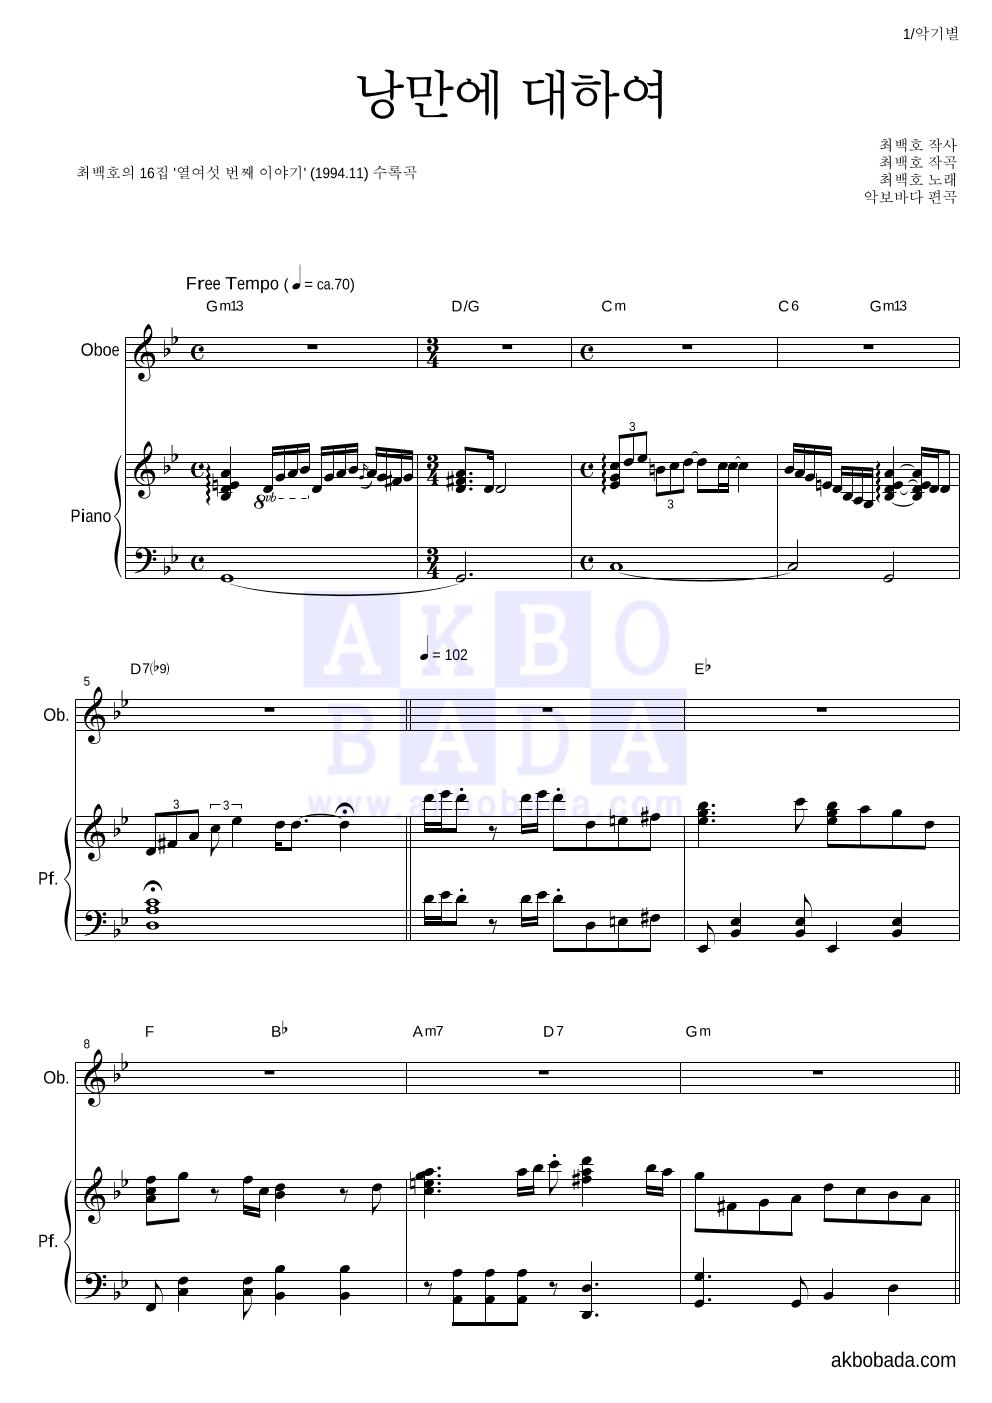 최백호 - 낭만에 대하여 오보에&피아노 악보